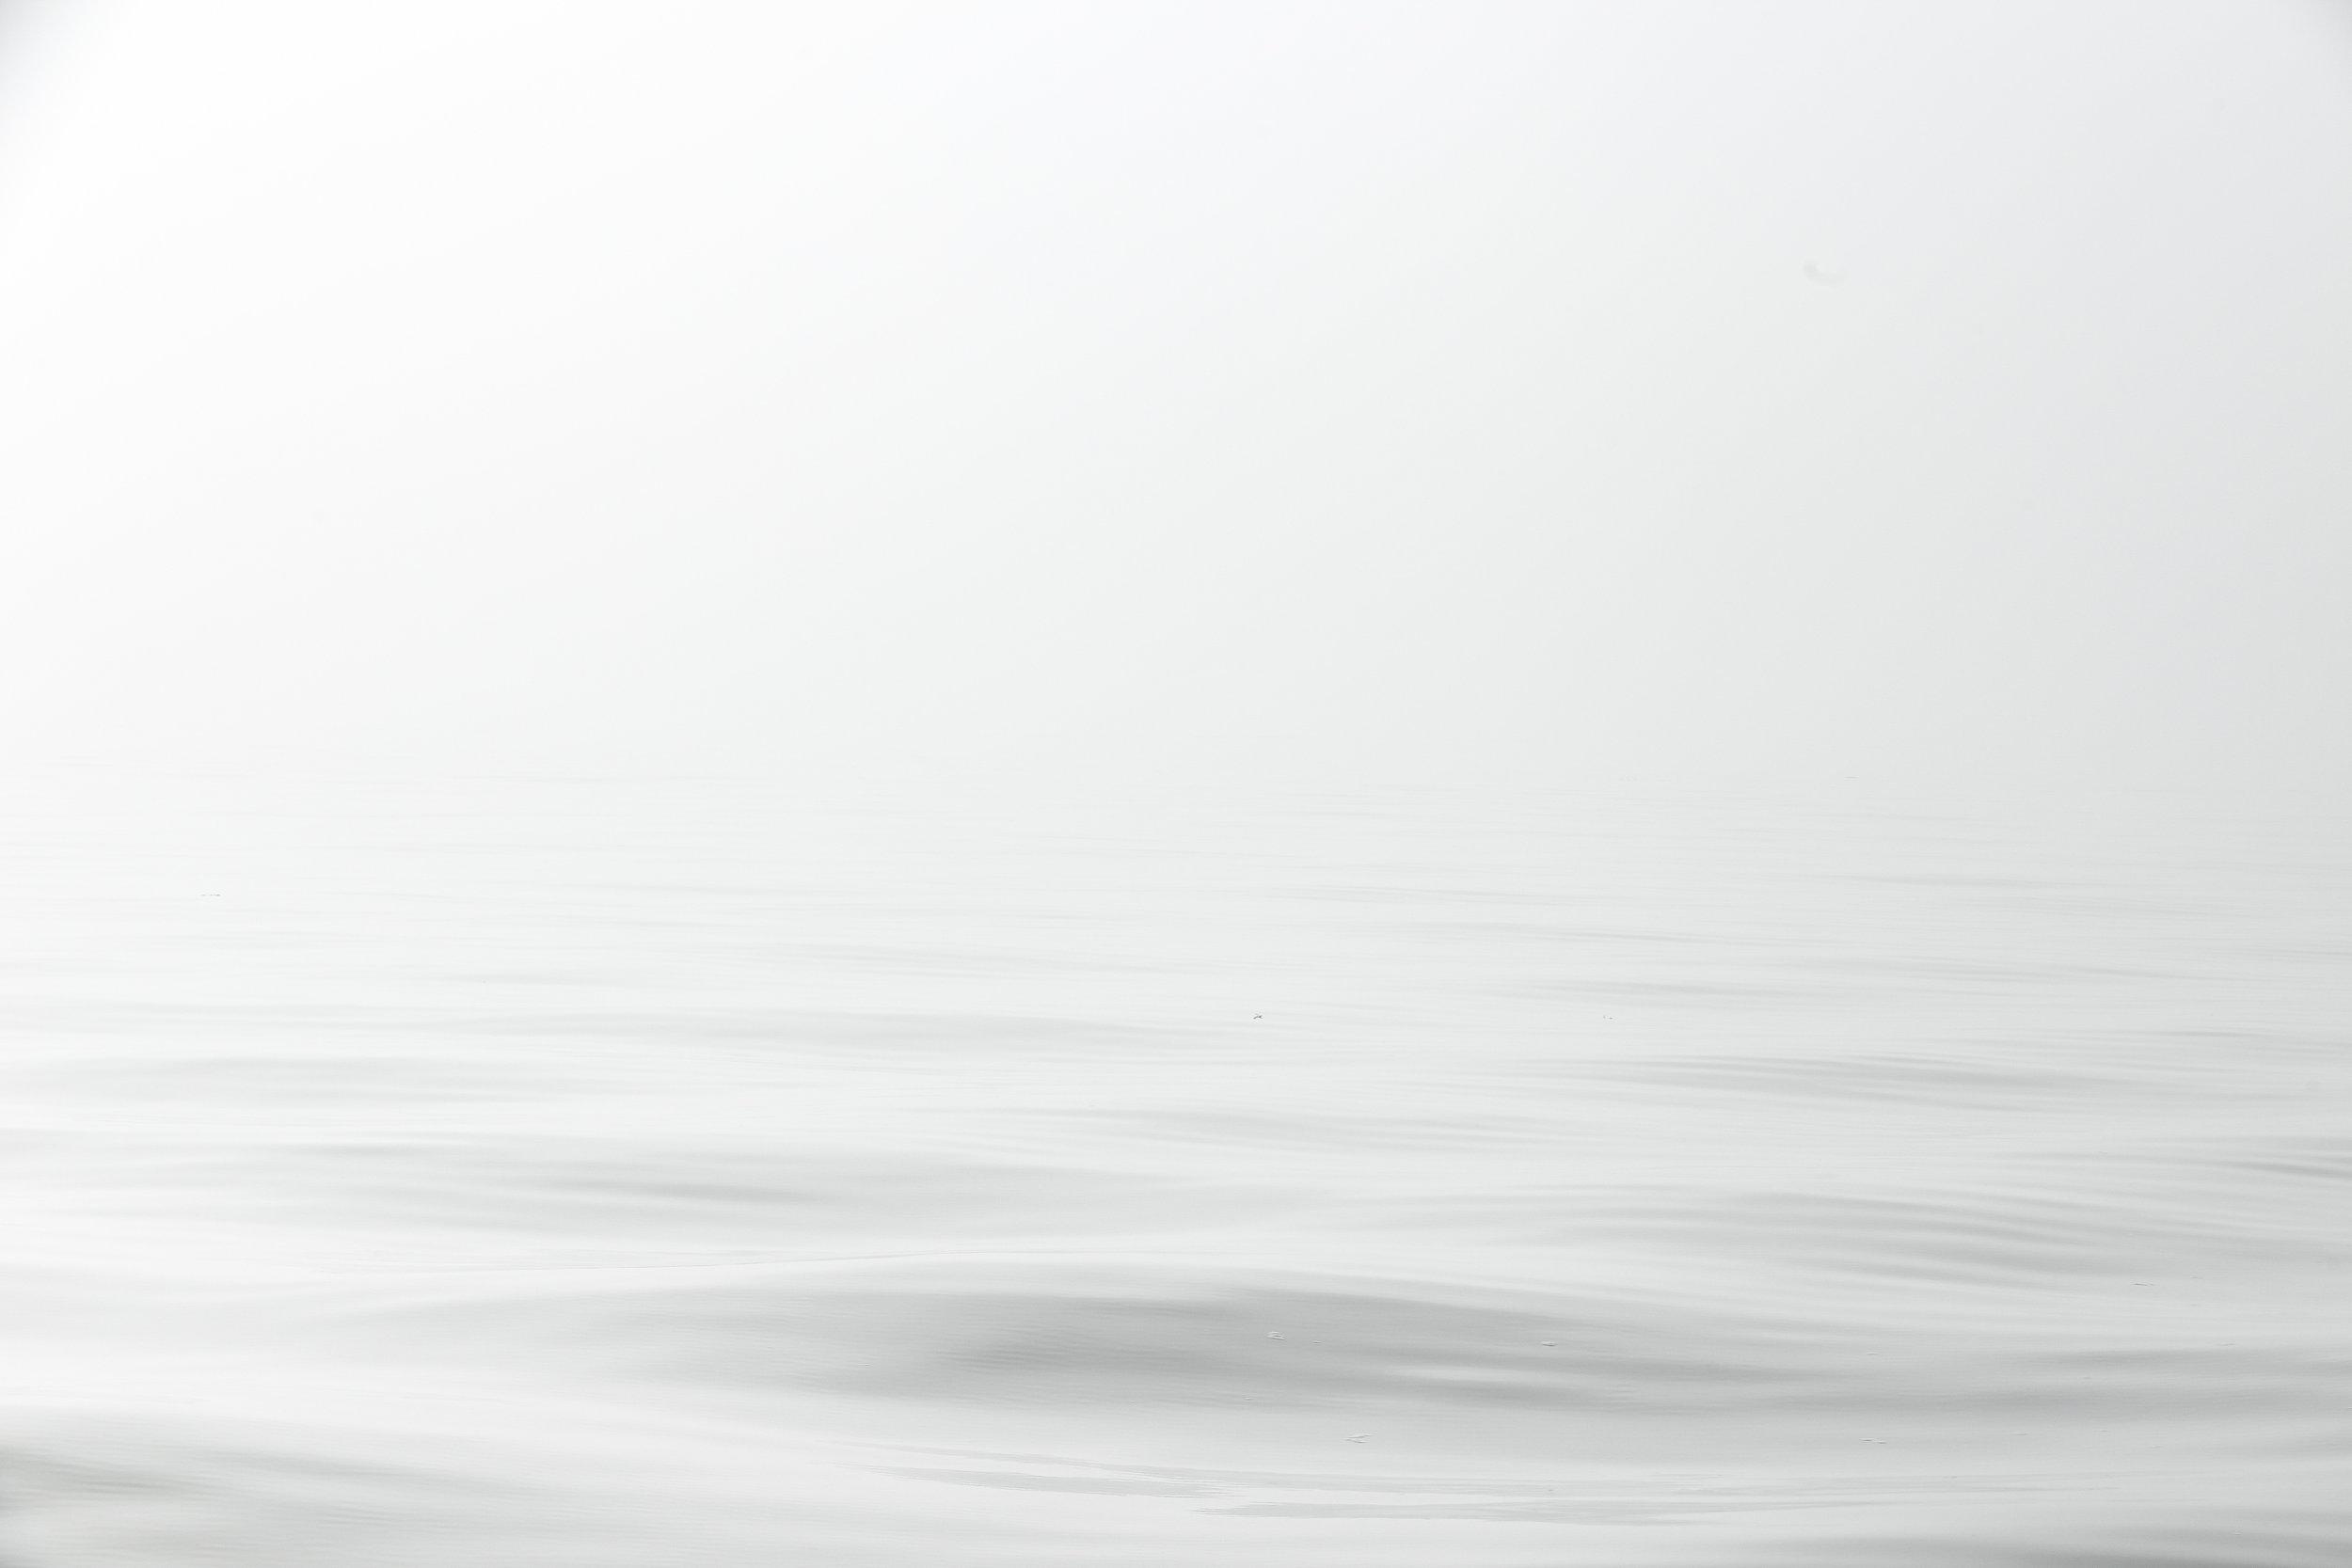 FoggyLakeMorning_1.jpg